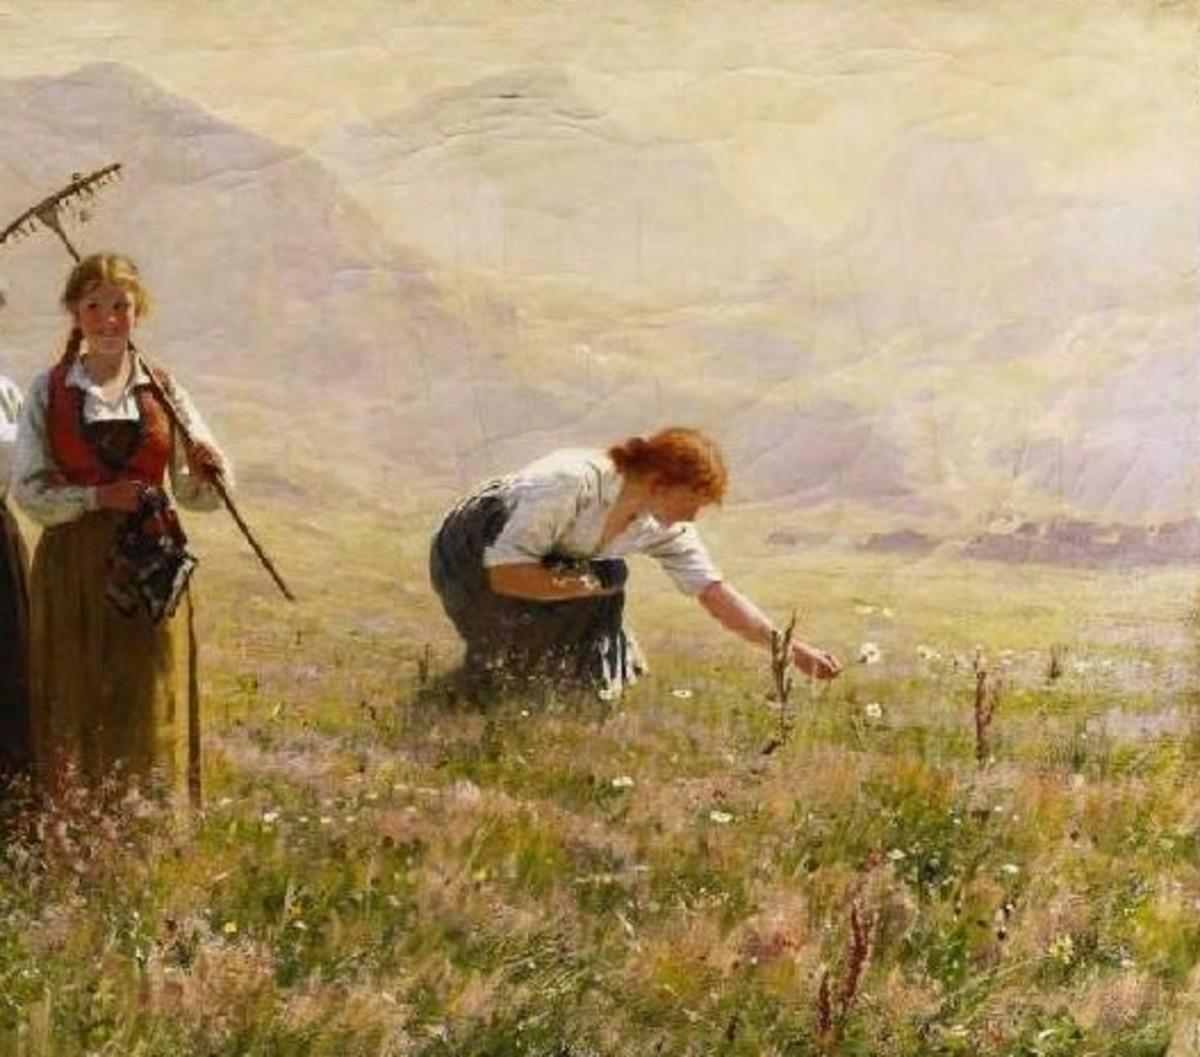 A woman gathers wildflowers in a field. Art by Hans Dahl.